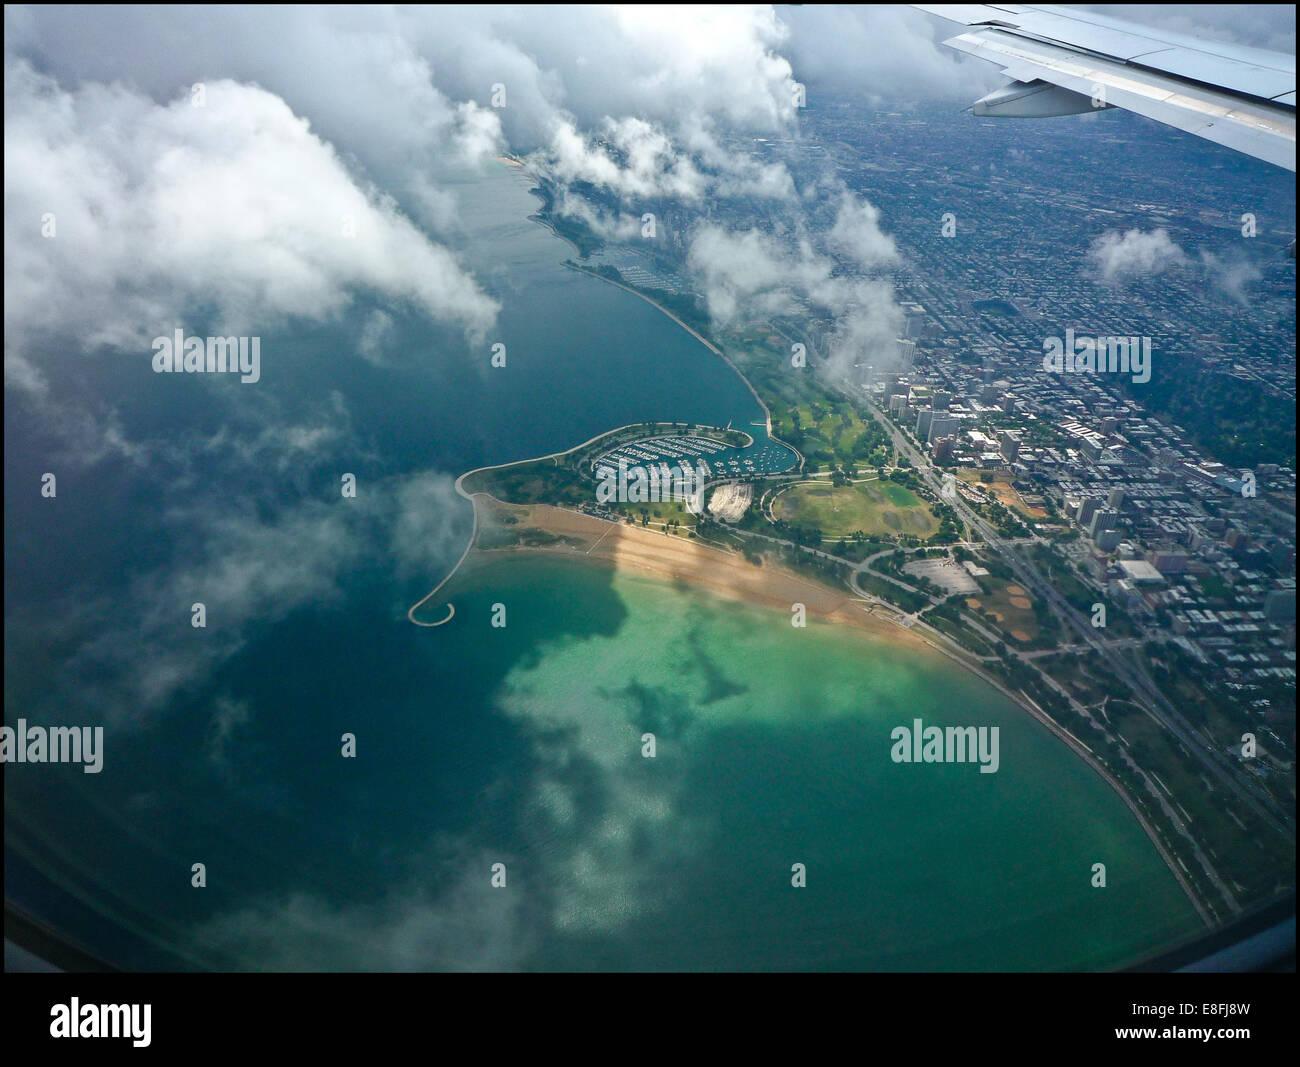 Stati Uniti d'America, Illinois, Chicago, veduta aerea della città Immagini Stock